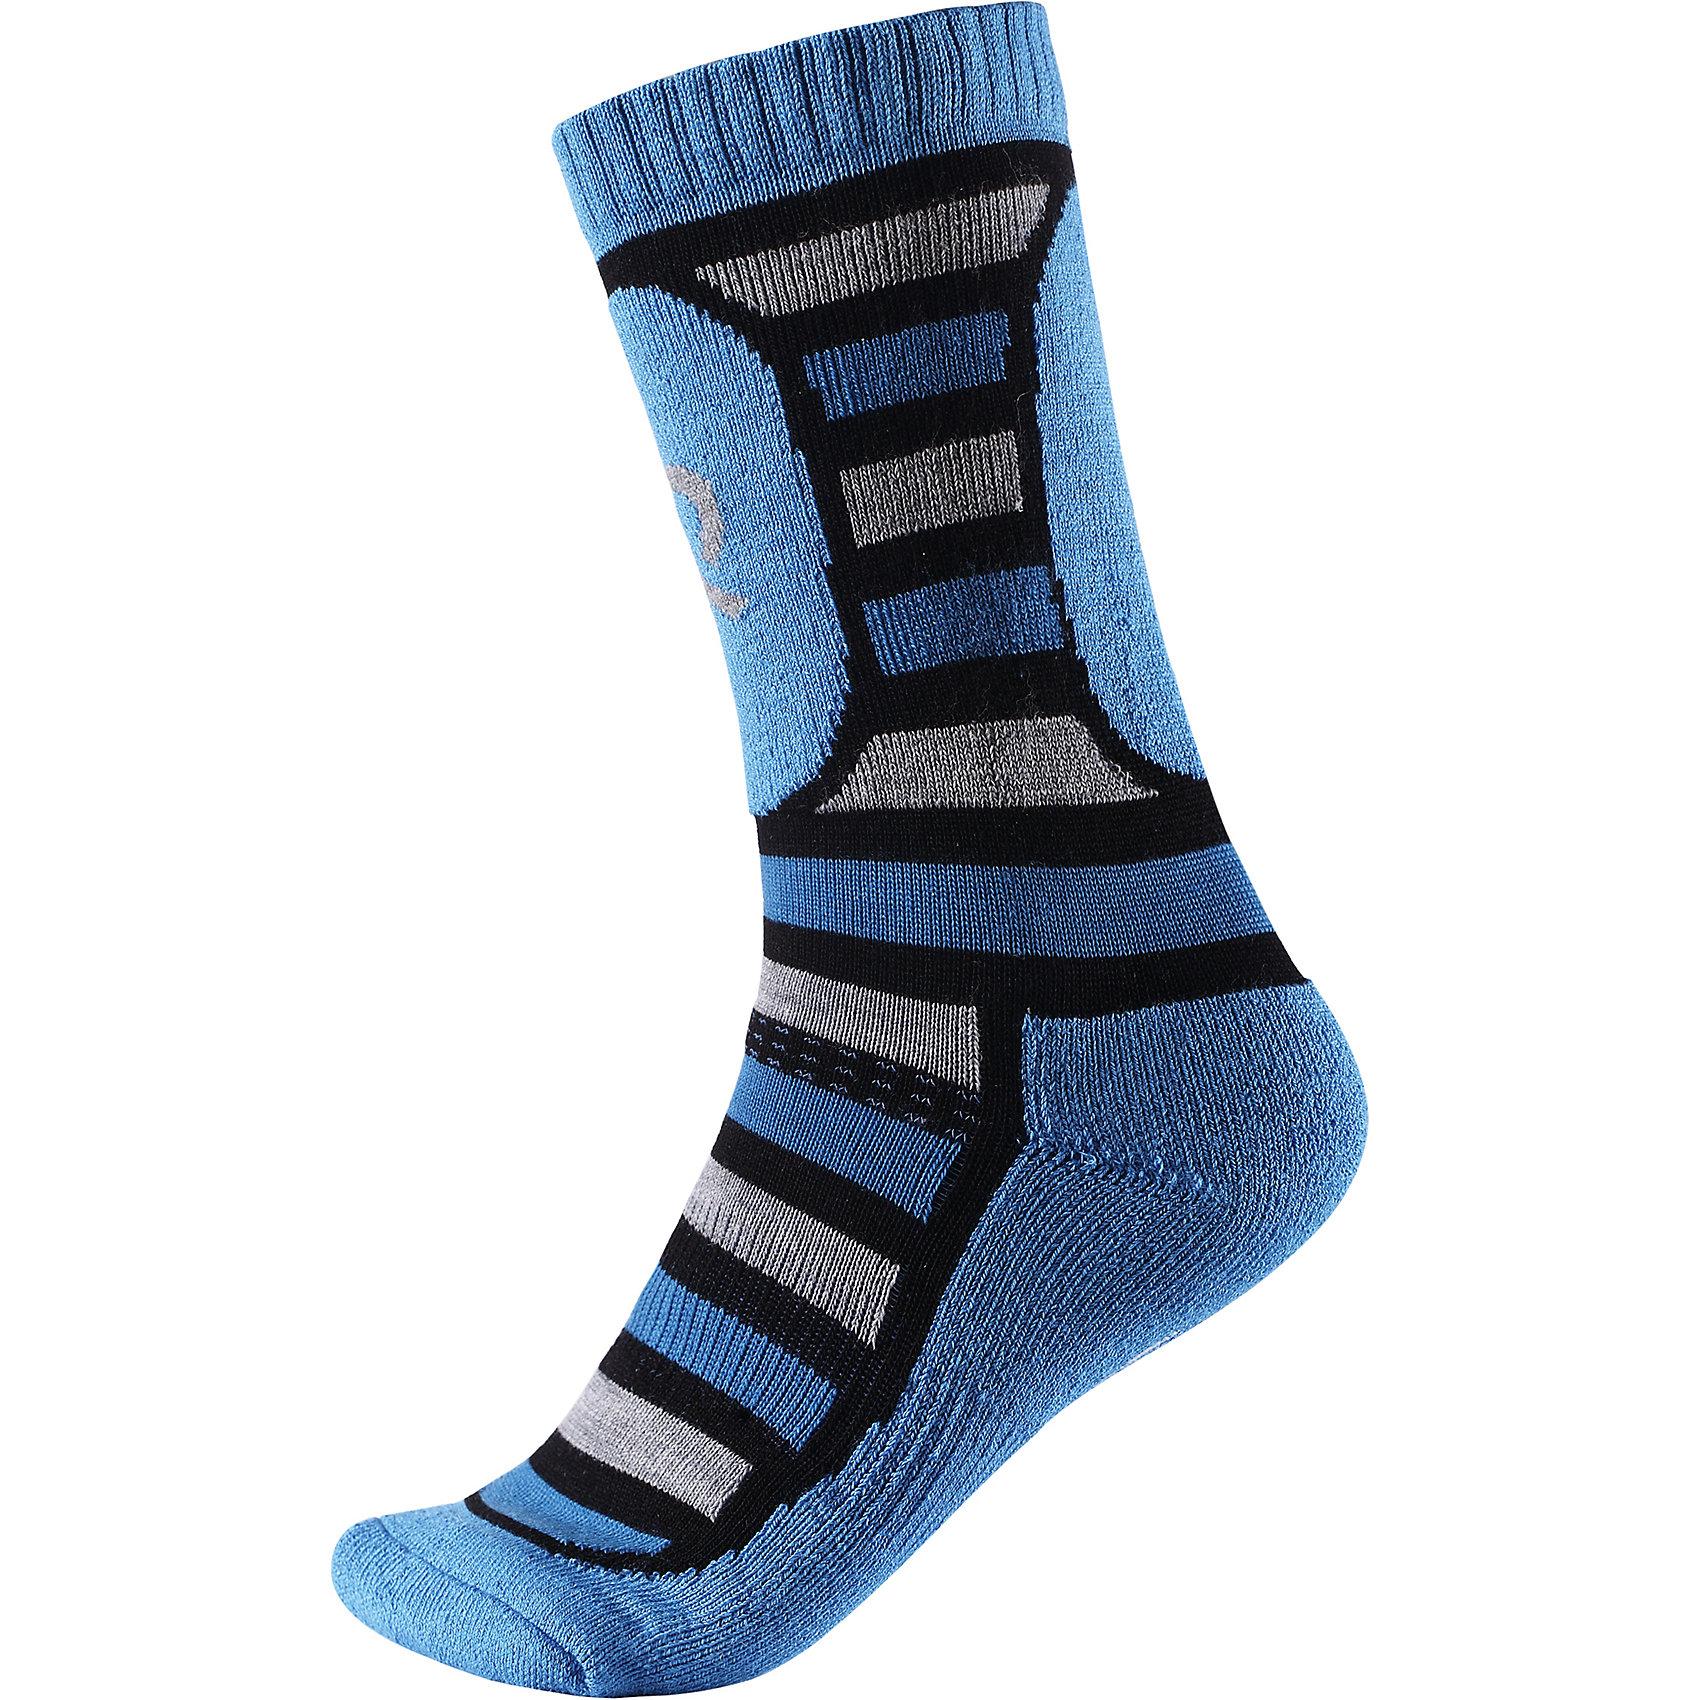 Носки Stork Thermolite ReimaНоски<br>Носки из шерсти THERMOLITE® для детей и подростков готовы к действию! Смесь шерсти и материала THERMOLITE® в холодную погоду гарантирует максимальный комфорт и тепло. Мериносовая шерсть согреет ножки, а THERMOLITE® отлично подходит для интенсивных физических нагрузок. Изнанка с мягким эластичным ворсом очень приятна на ощупь. Усиления на стопе, пятке и носке.<br>Состав:<br>40% Шерсть, 36% Полиэстер THERMOLITE®, 10% Полиамид, 12% Полиэстер, 2% Эластан<br><br>Ширина мм: 87<br>Глубина мм: 10<br>Высота мм: 105<br>Вес г: 115<br>Цвет: синий<br>Возраст от месяцев: 168<br>Возраст до месяцев: 1188<br>Пол: Унисекс<br>Возраст: Детский<br>Размер: 38-41,30-33,34-37<br>SKU: 6906564